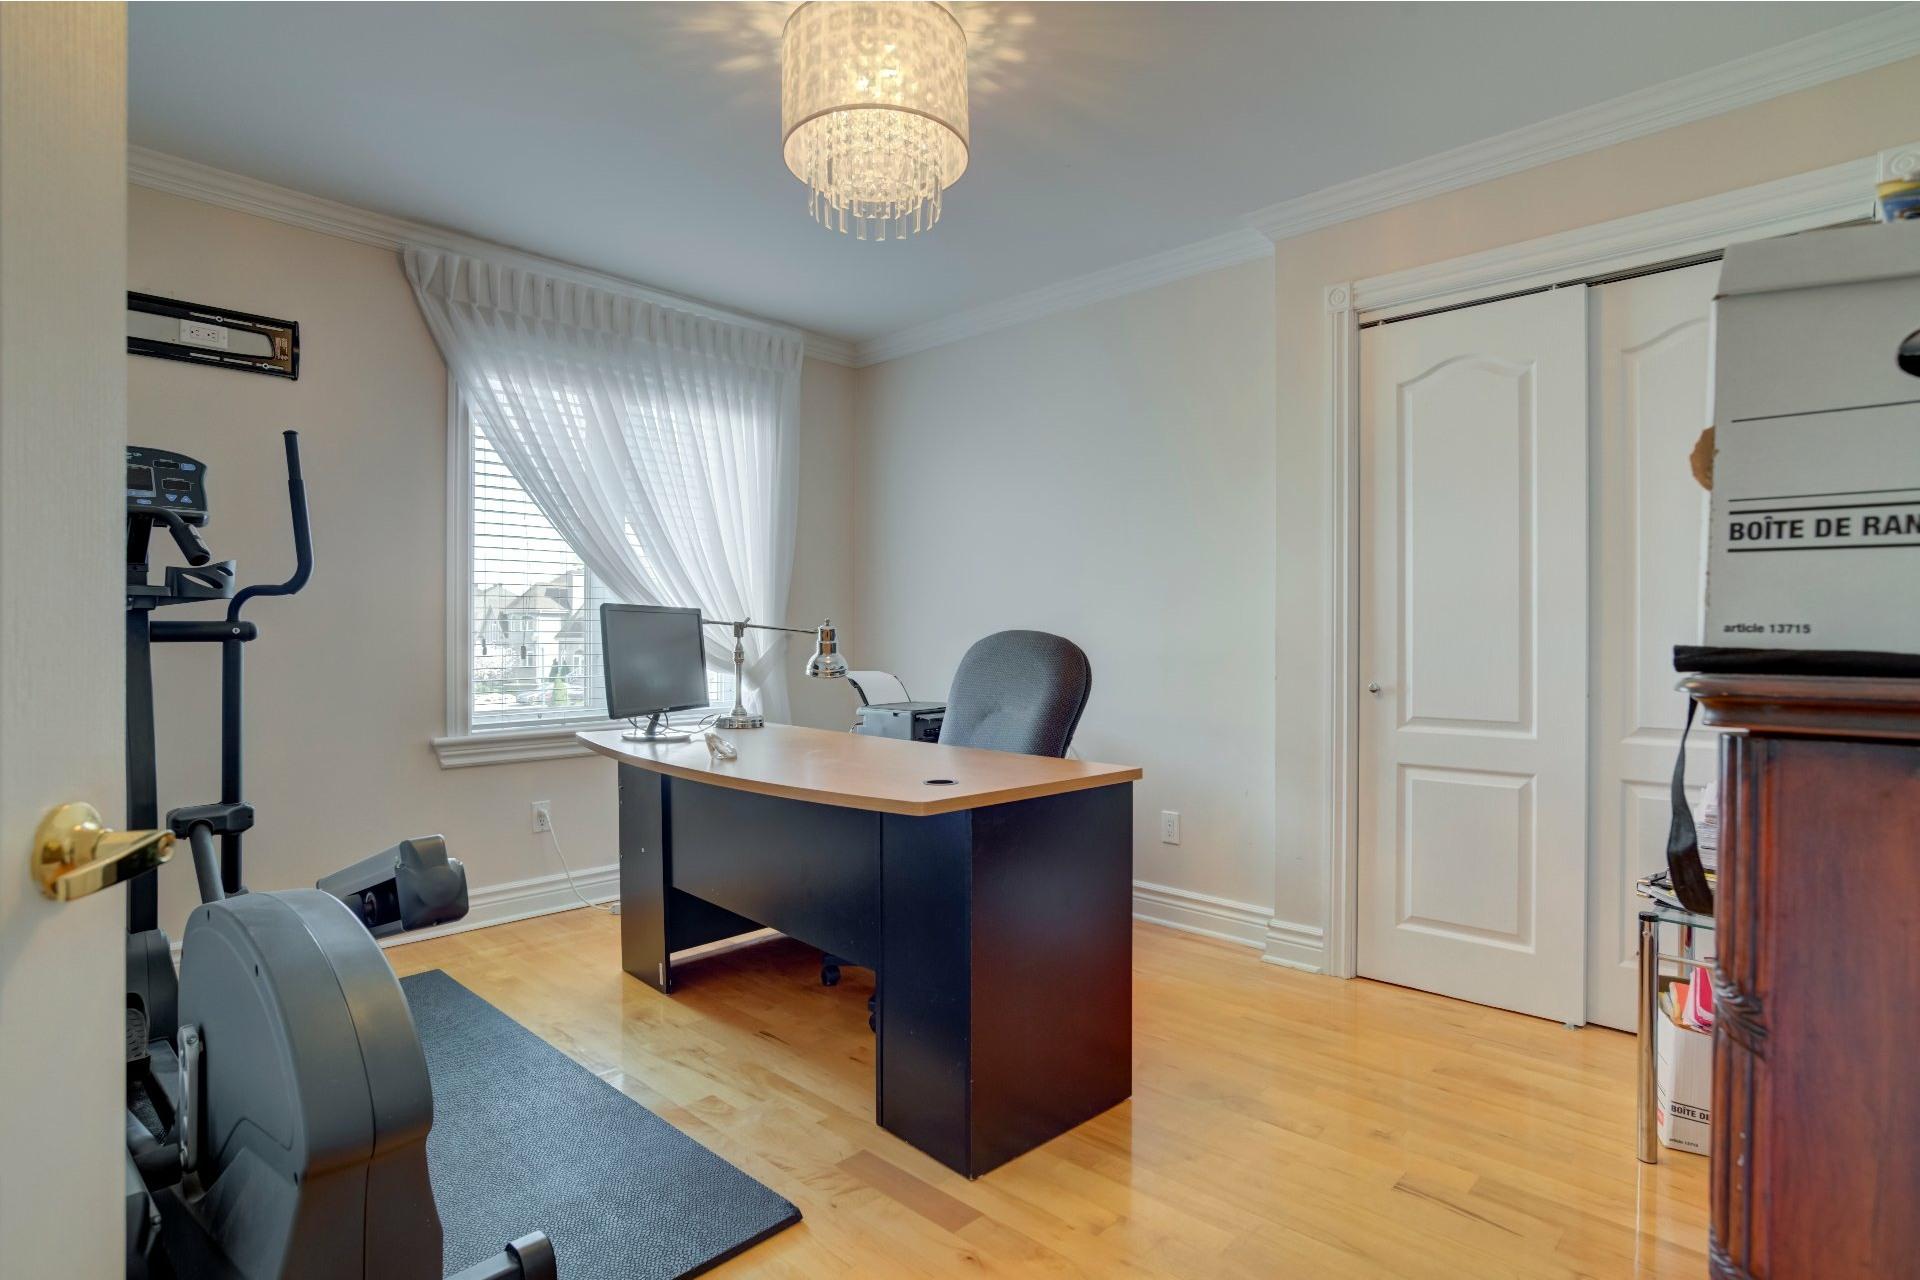 image 34 - Maison À vendre Duvernay Laval  - 13 pièces